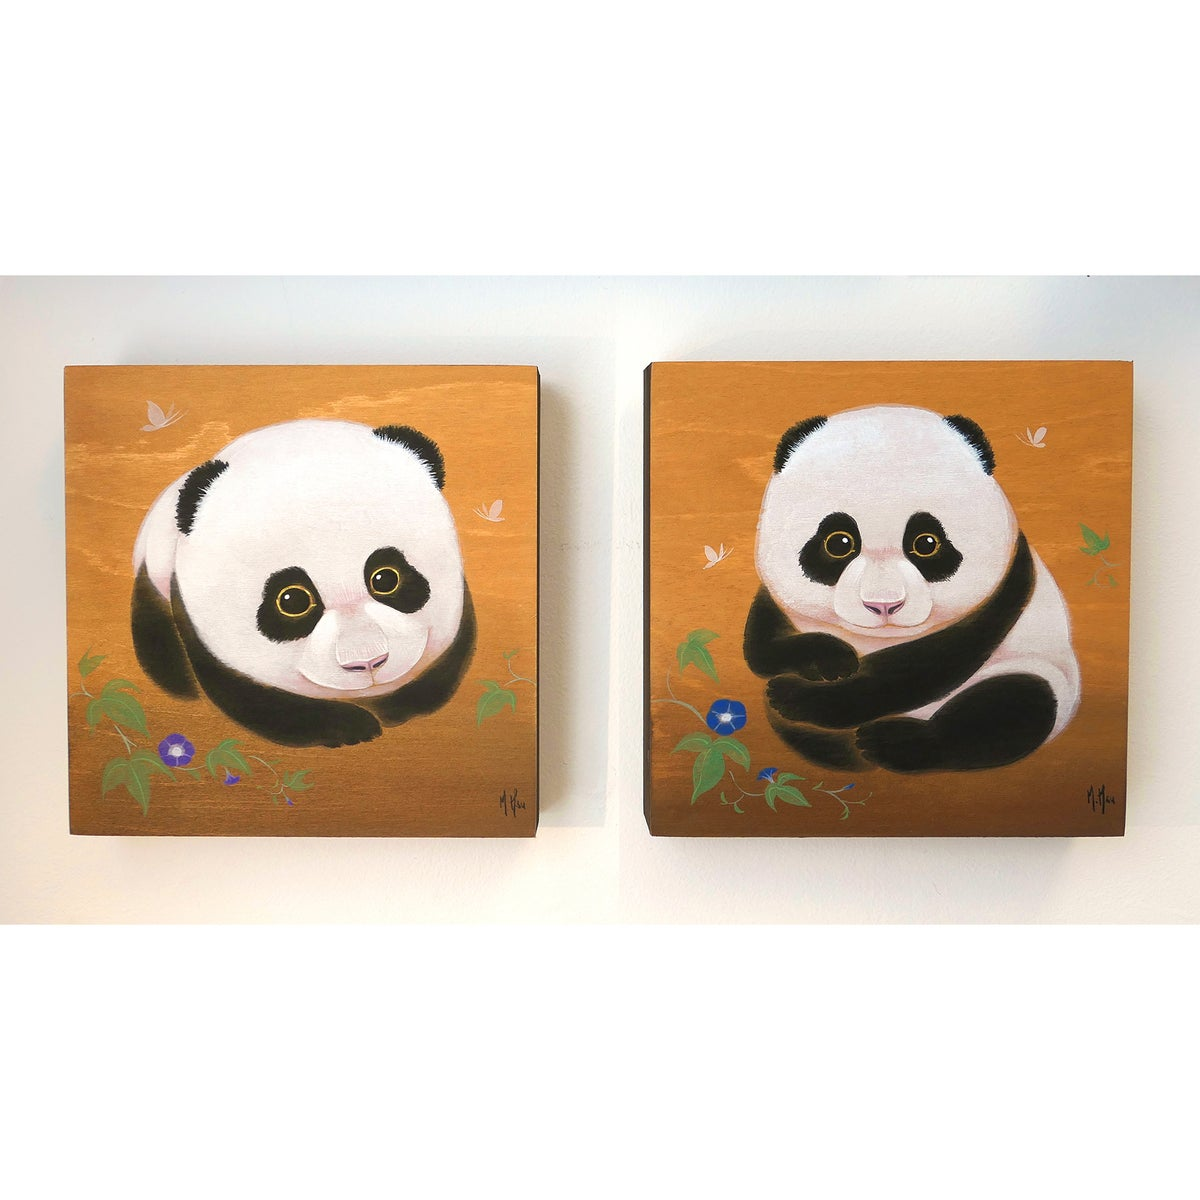 Panda Cub - Mei Xiang